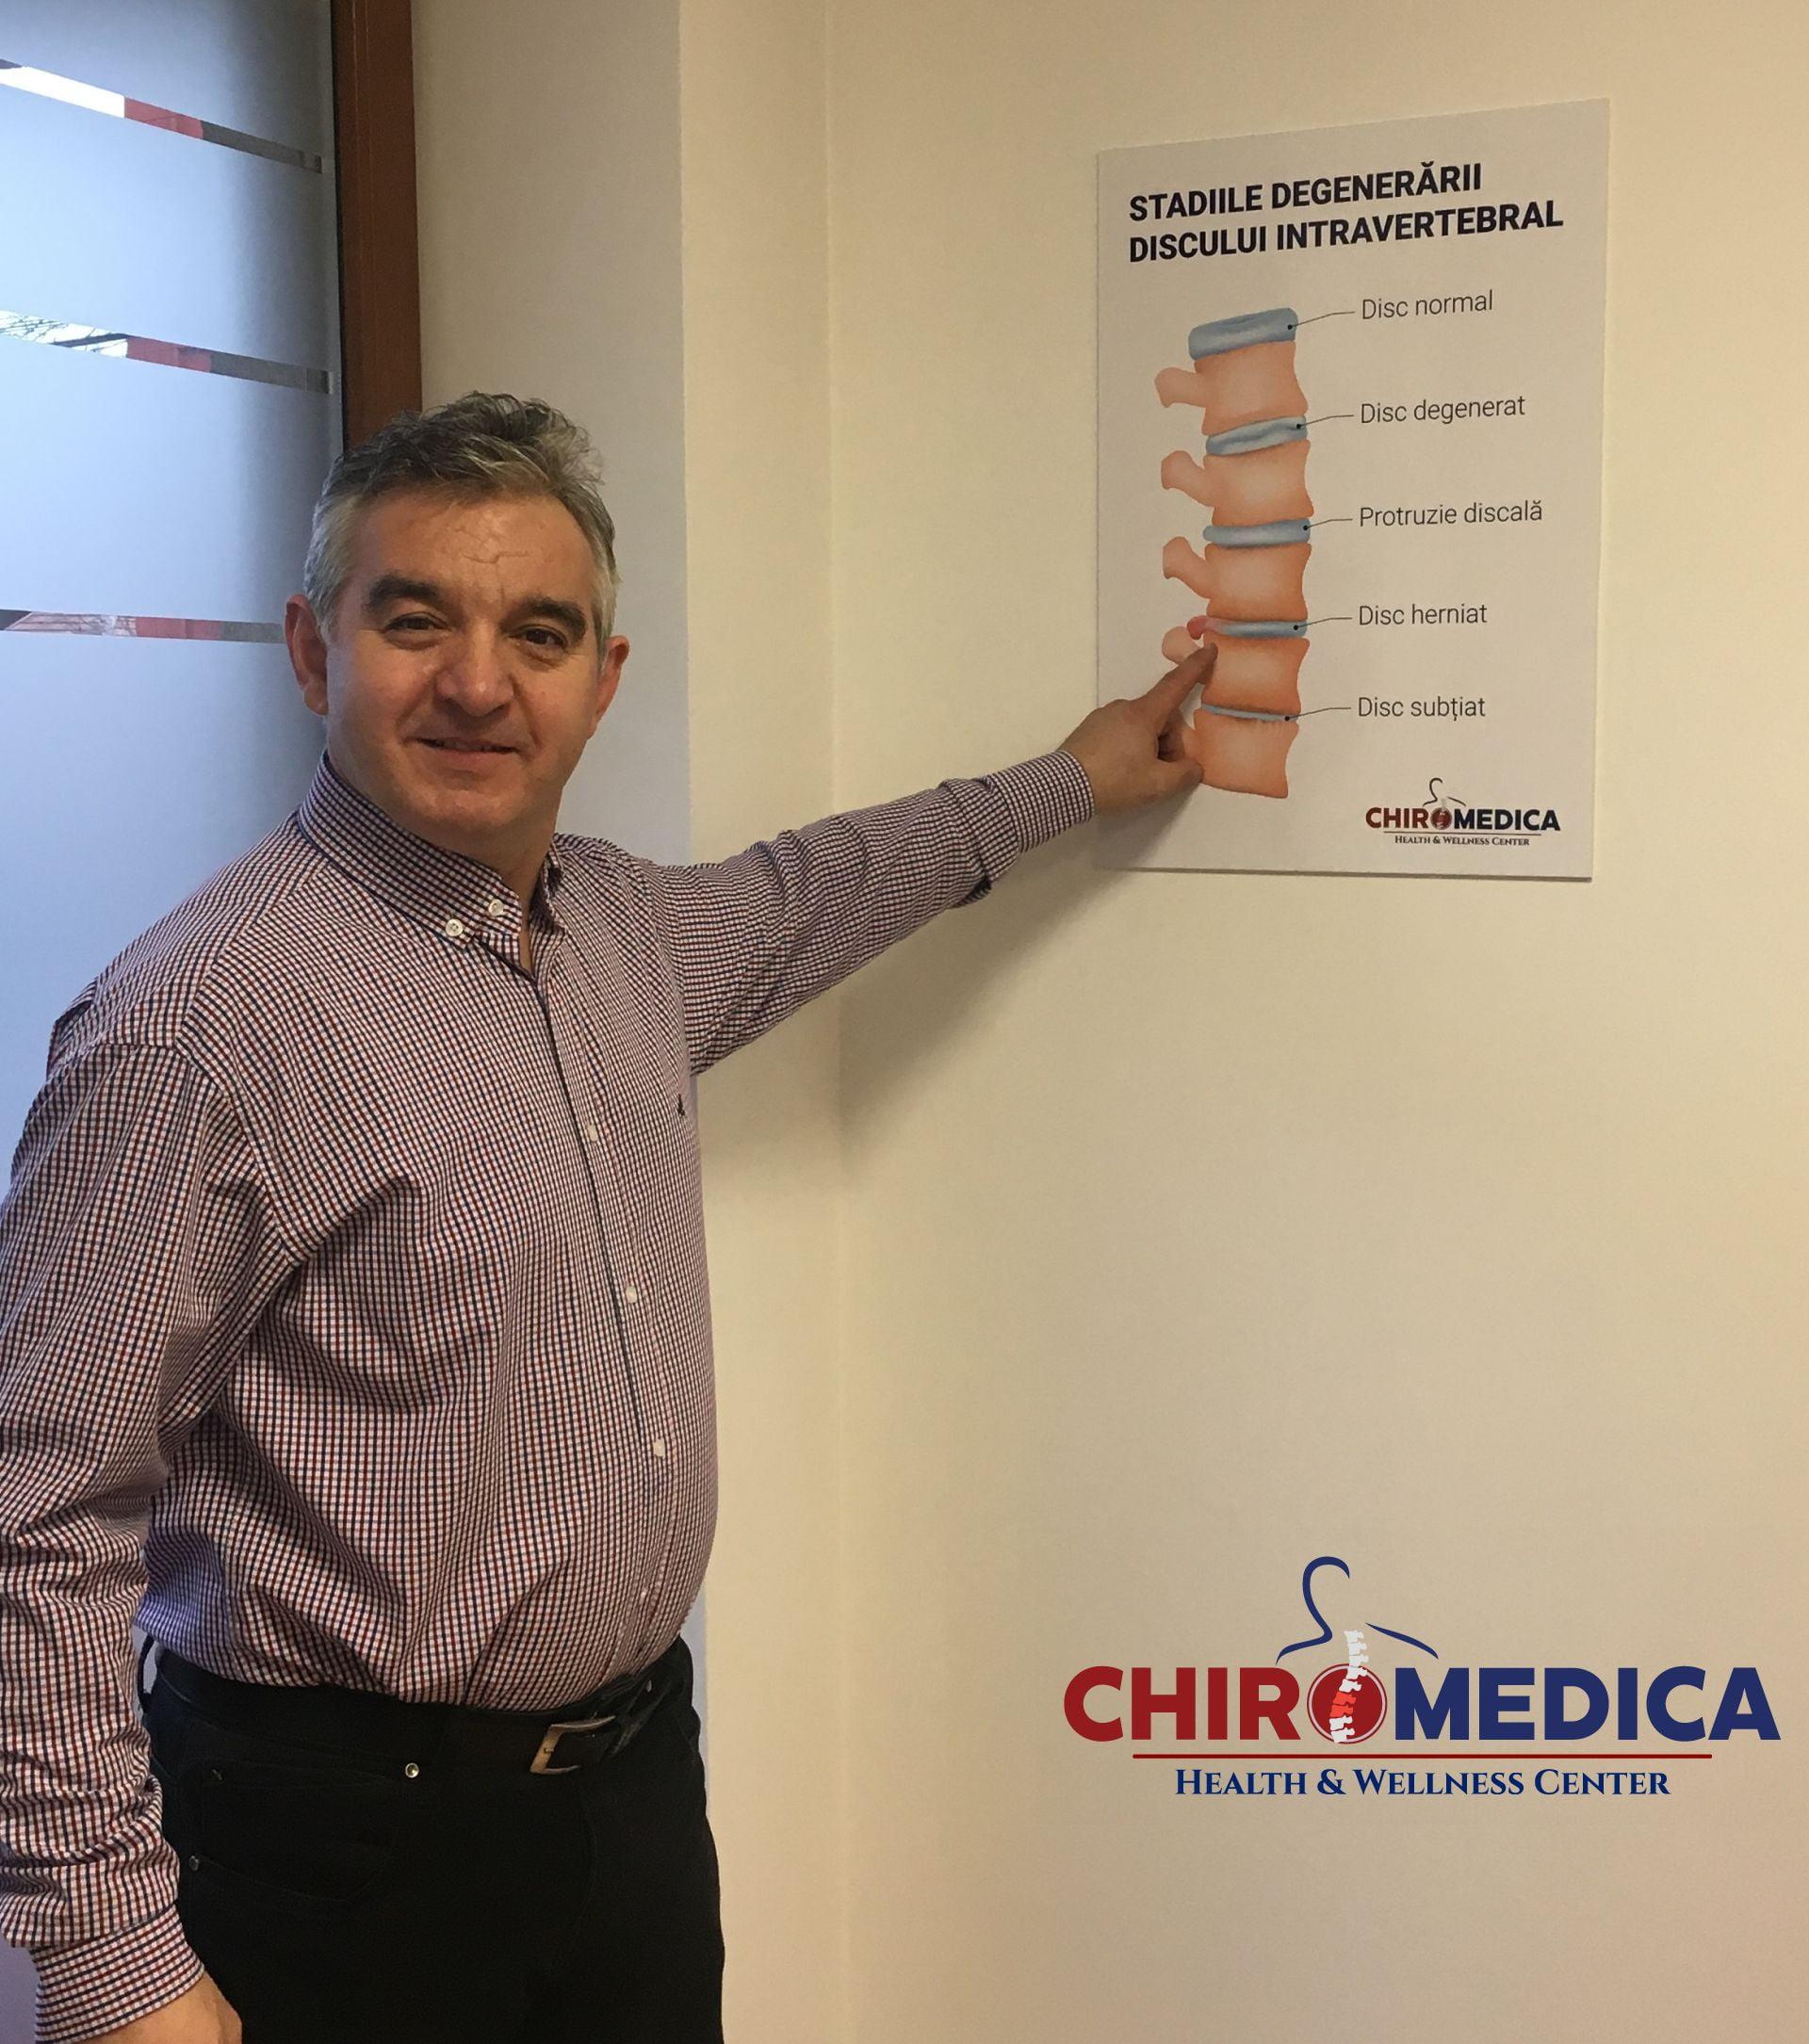 tratament hernie de disc chiromedica cluj